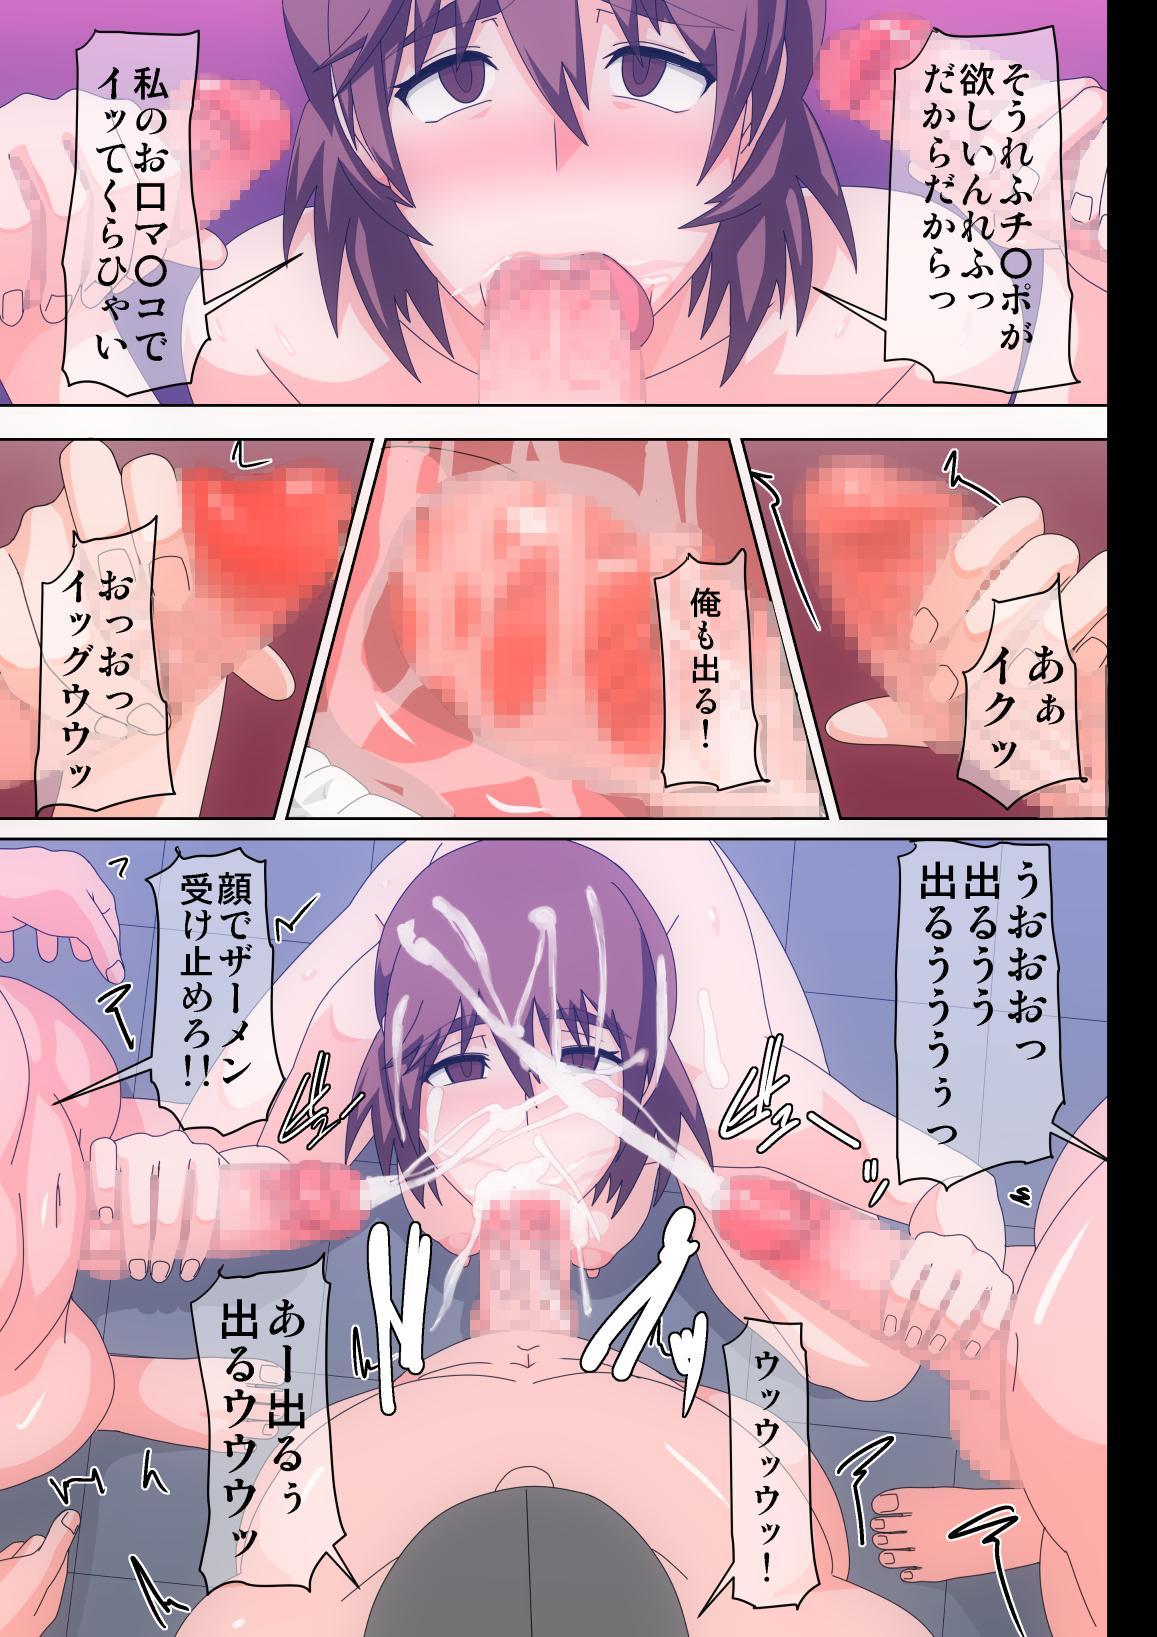 Watashi-tachi ga Sennou sare Inran Onna to Kashi Zenshin Omanko Joutai ni Naru made Choukyou sare Ian Pet toshite Shuppin sareru made no Monogatari 32